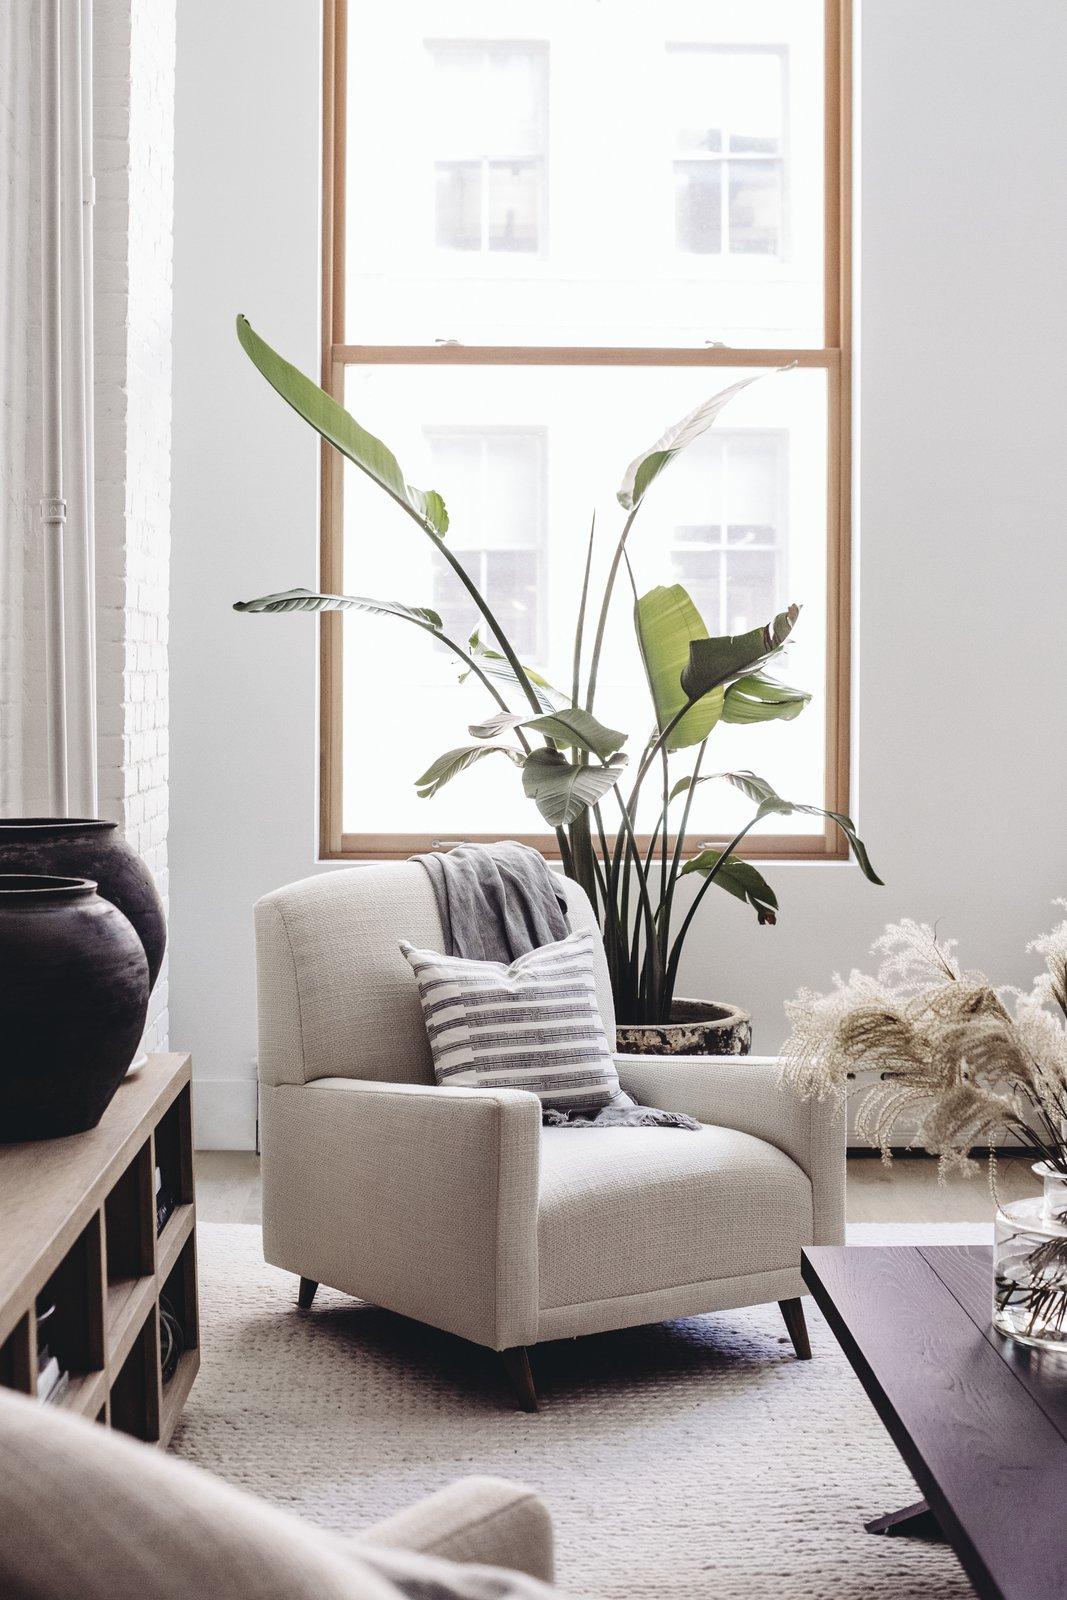 SoHo loft armchair